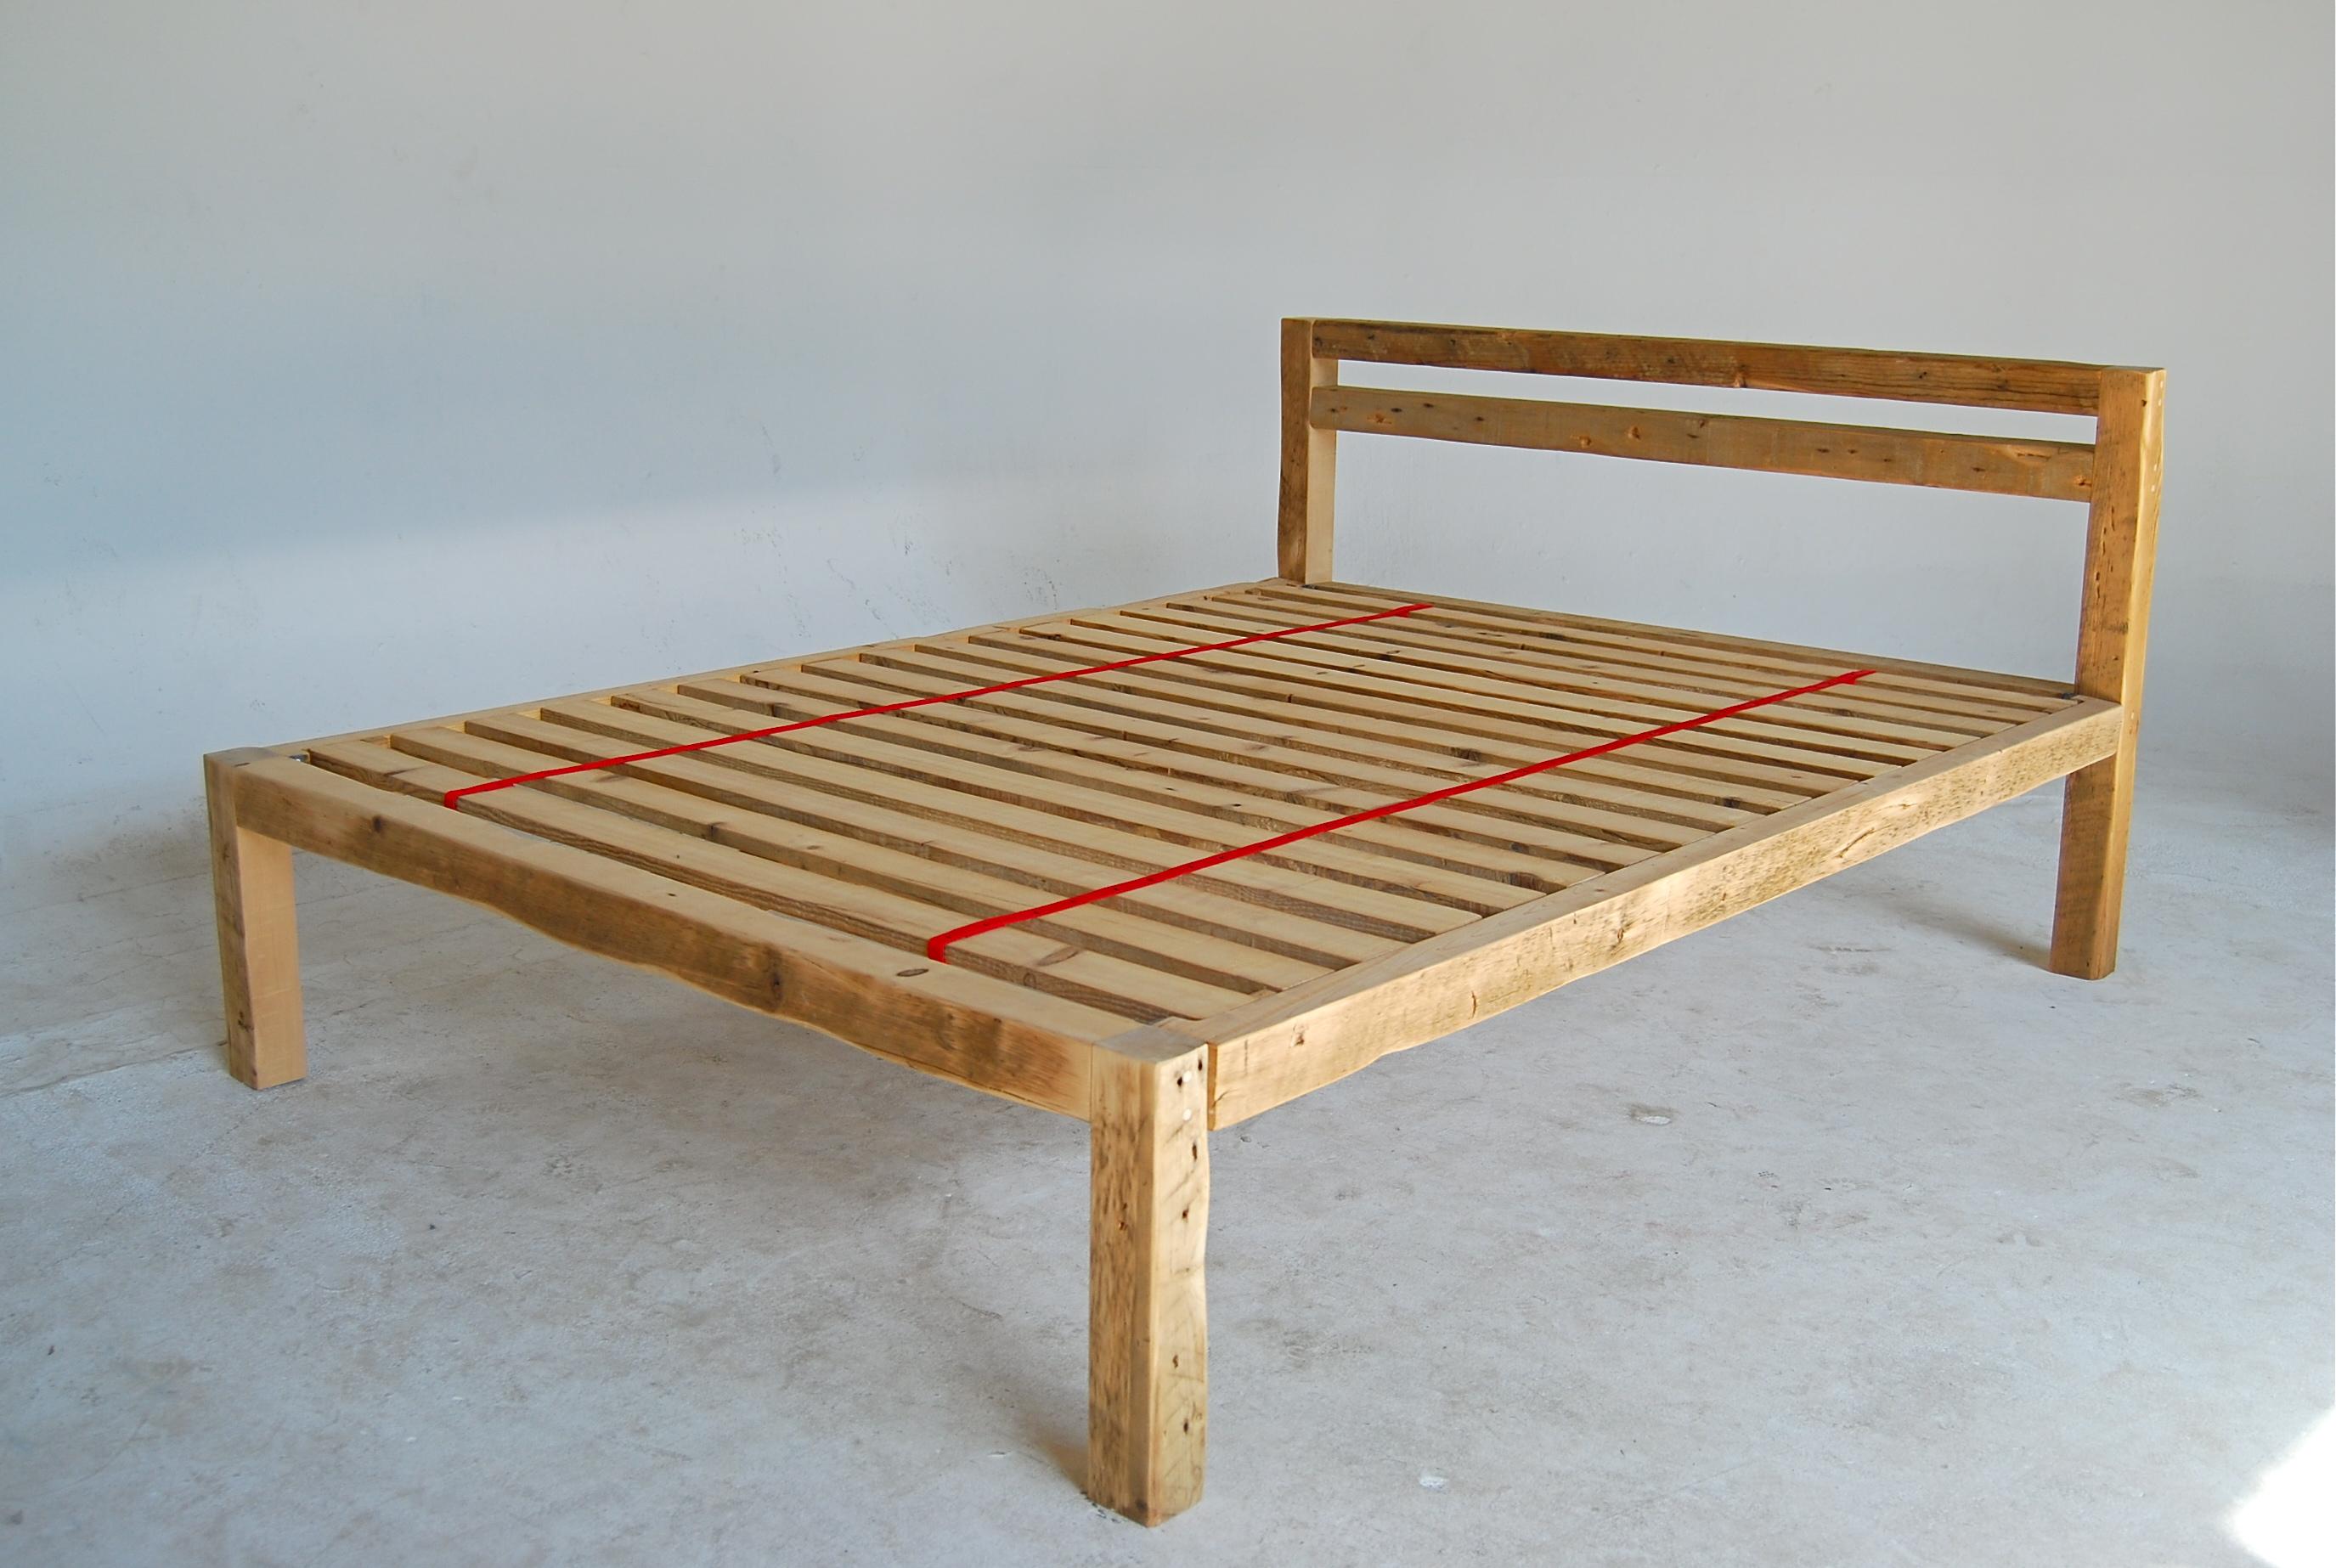 diy wooden platform bed frame plans download backless wooden bench